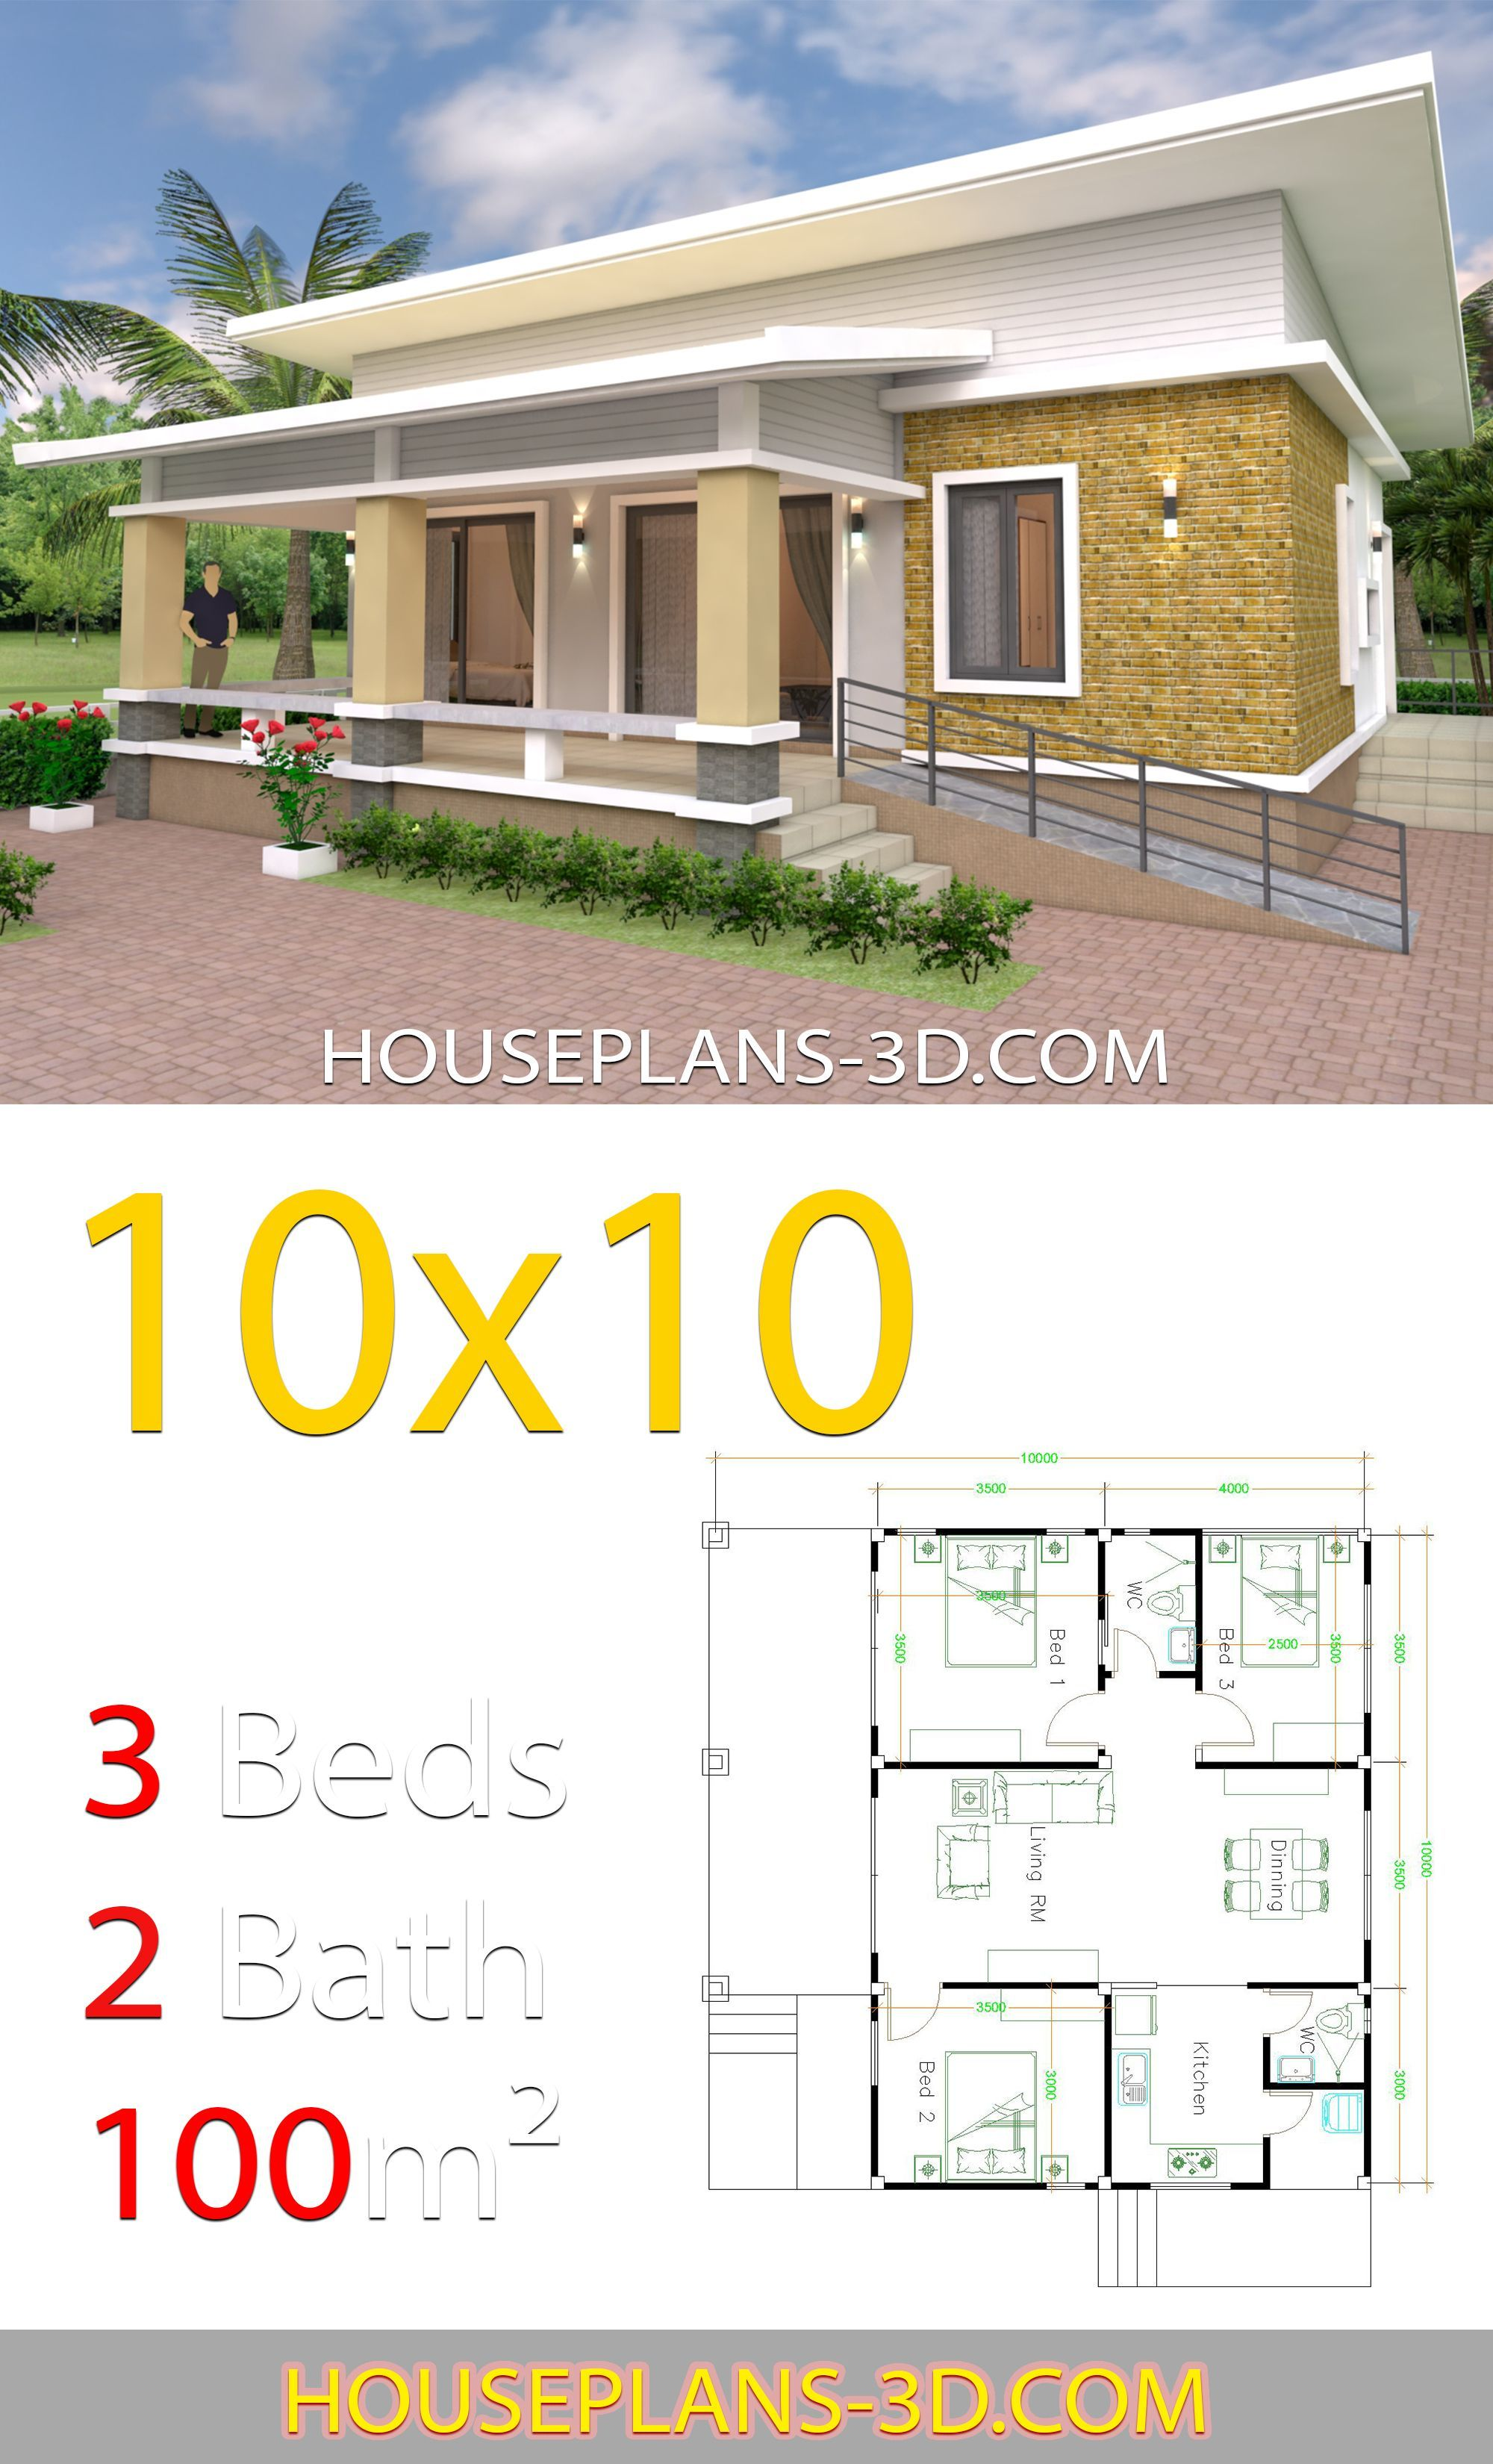 10x10 Bedroom Floor Plan: House Design 10x10 With 3 Bedrooms Full Interior